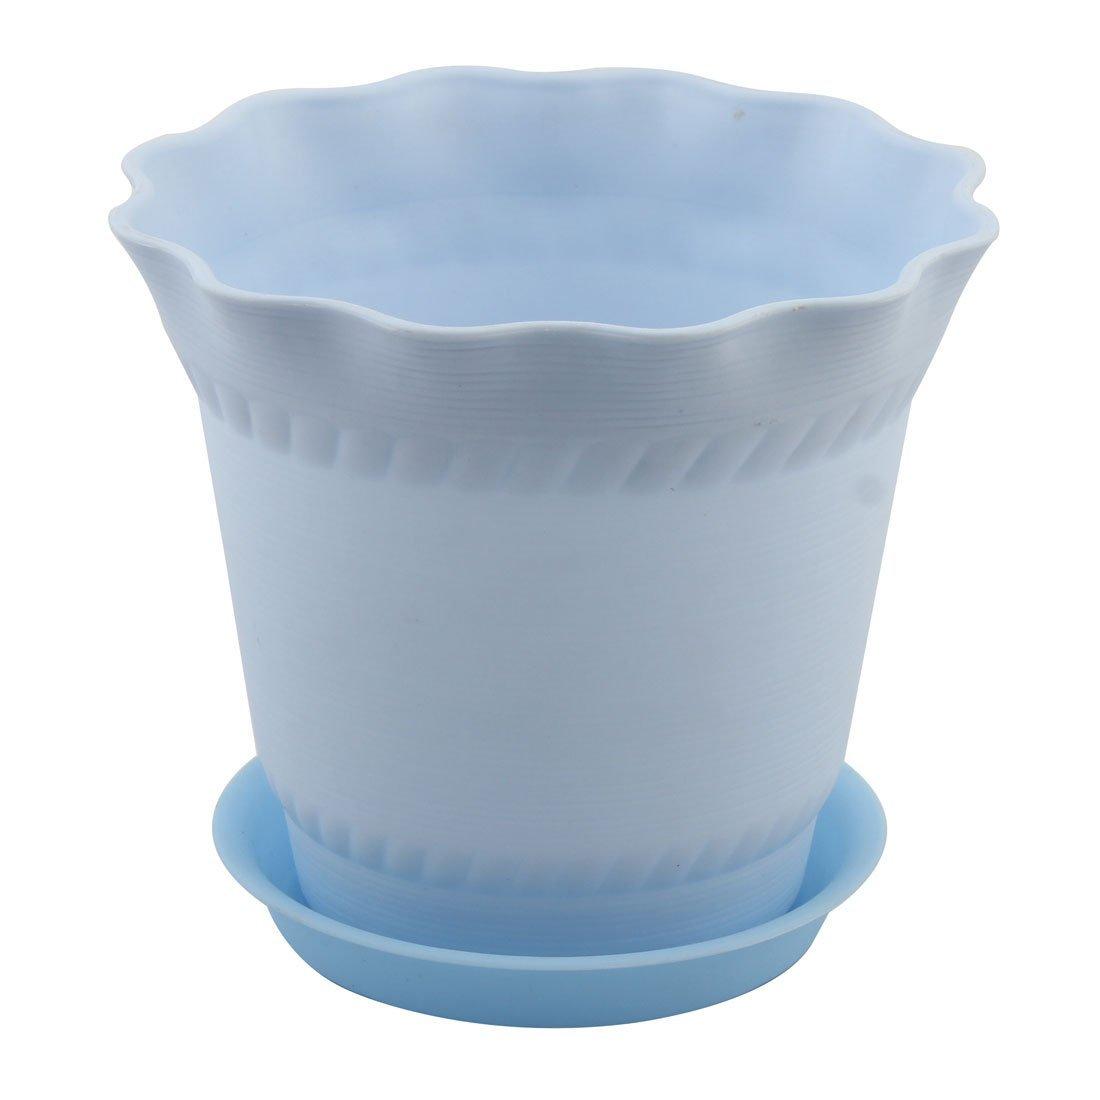 Cheap Blue Willow Flower Pot Find Blue Willow Flower Pot Deals On